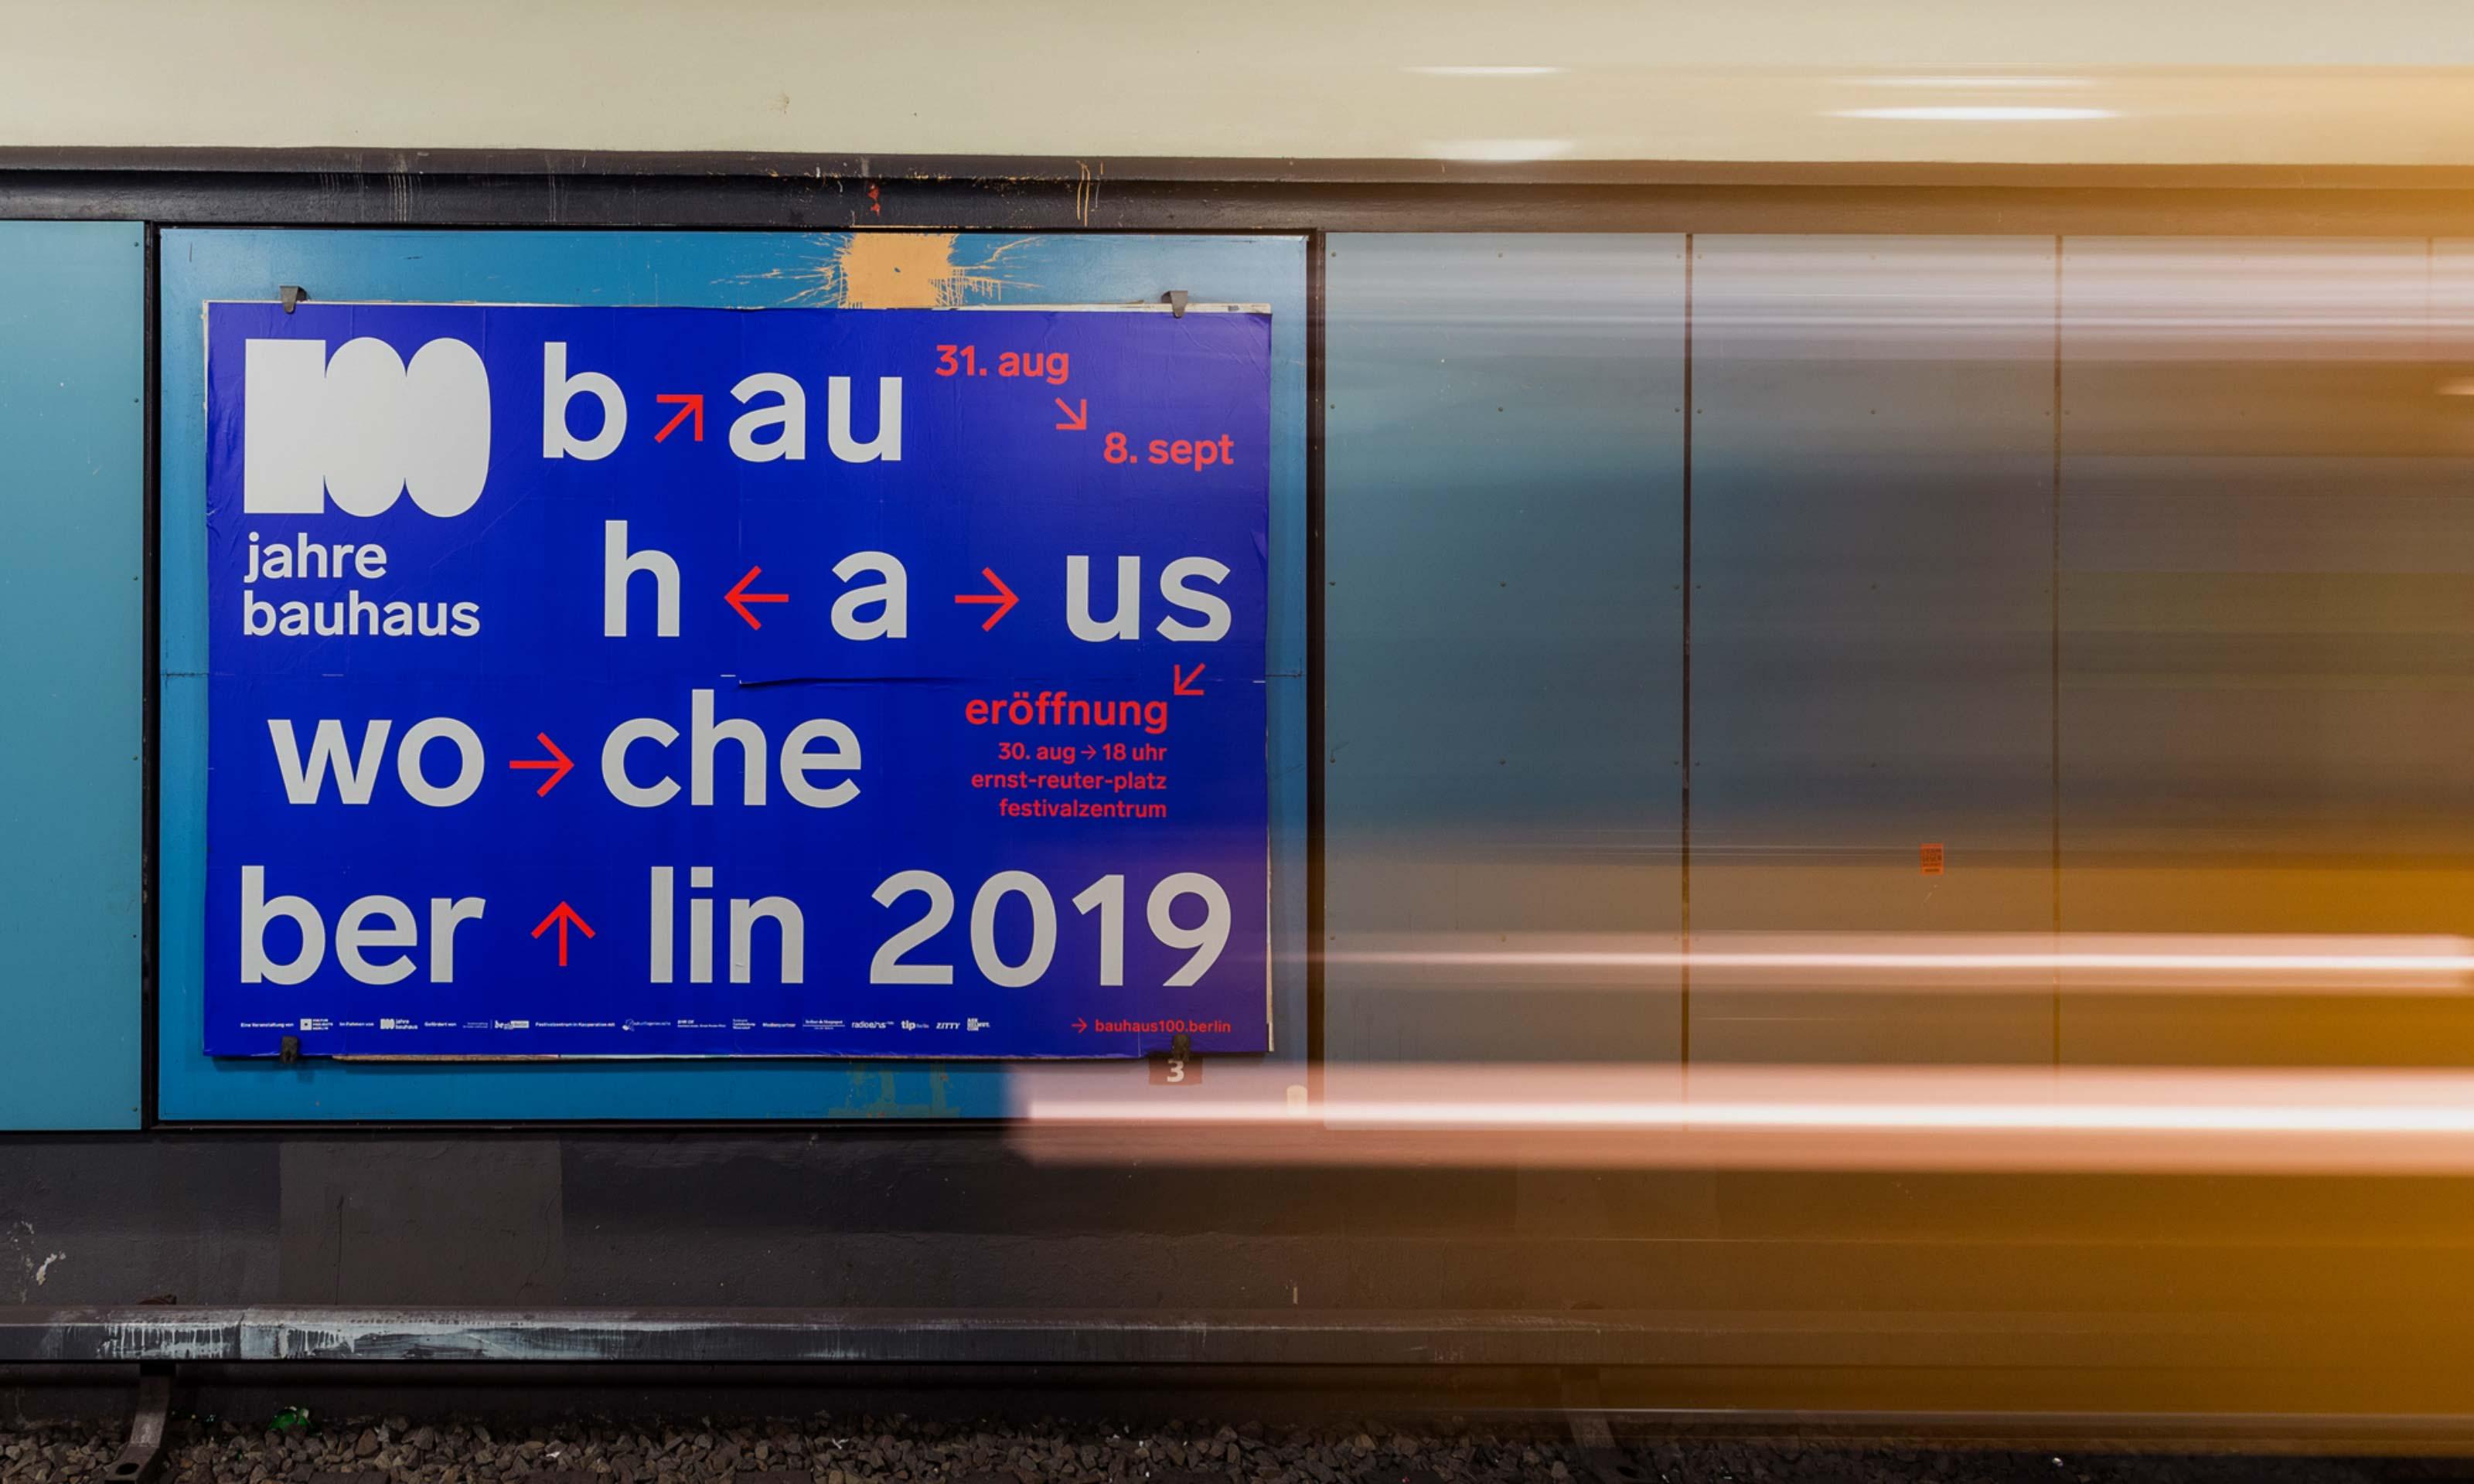 Plakat 100 Jahre Bauhaus in einer U-Bahn-Station